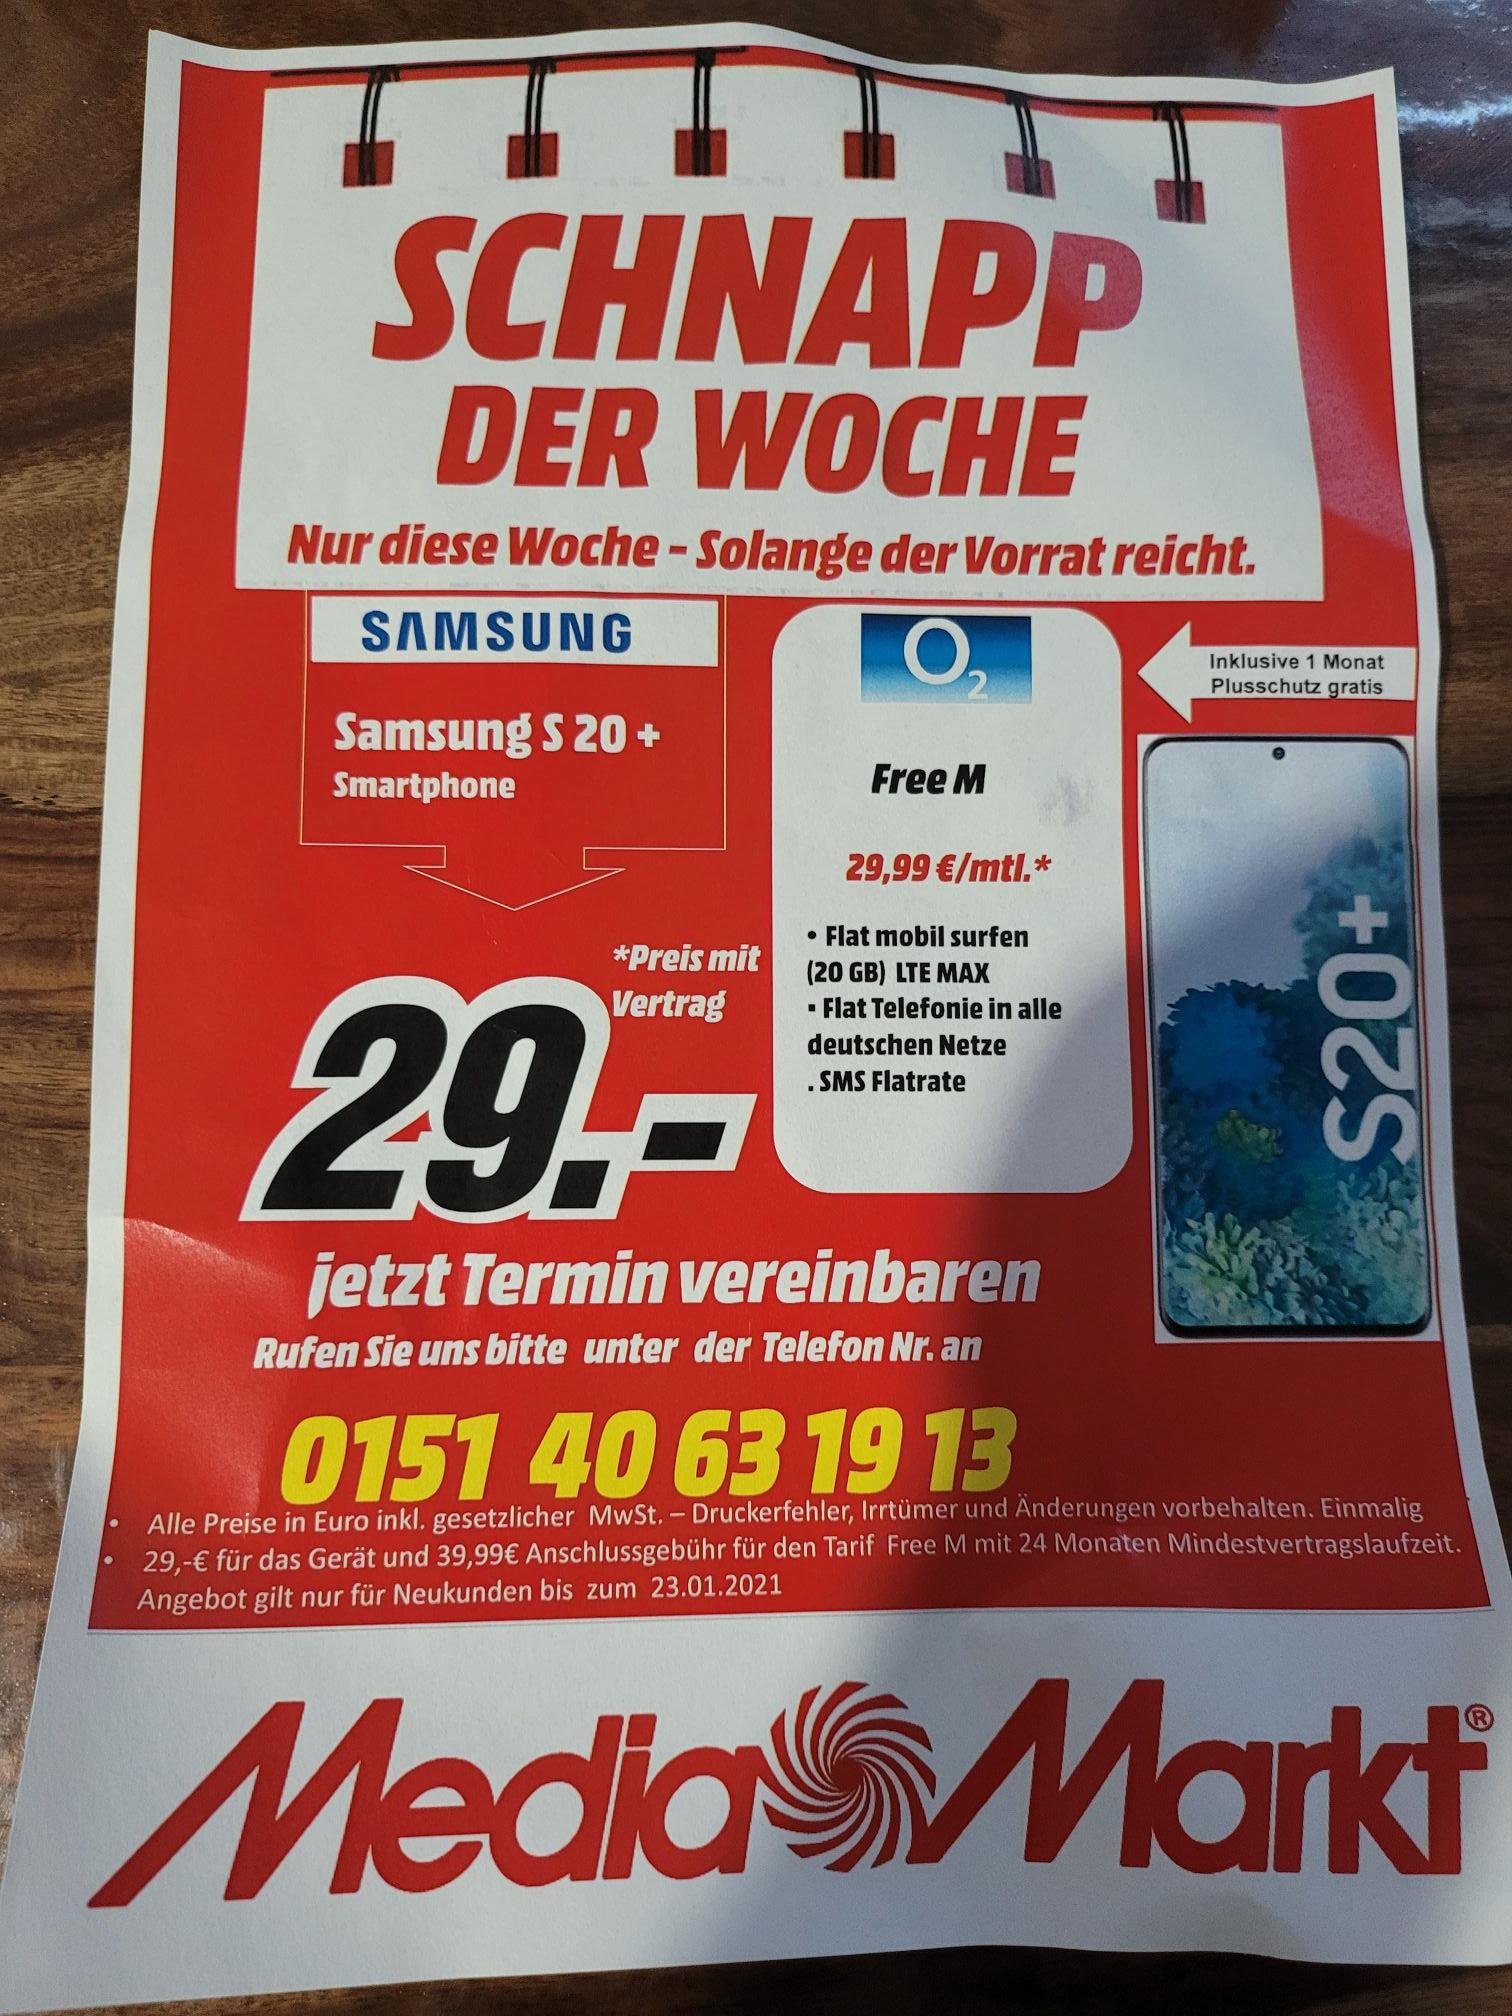 Samsung S20 Plus mit Vertrag im Free M(o2 Netz) (20GB) (Media Markt Düsseldorf)